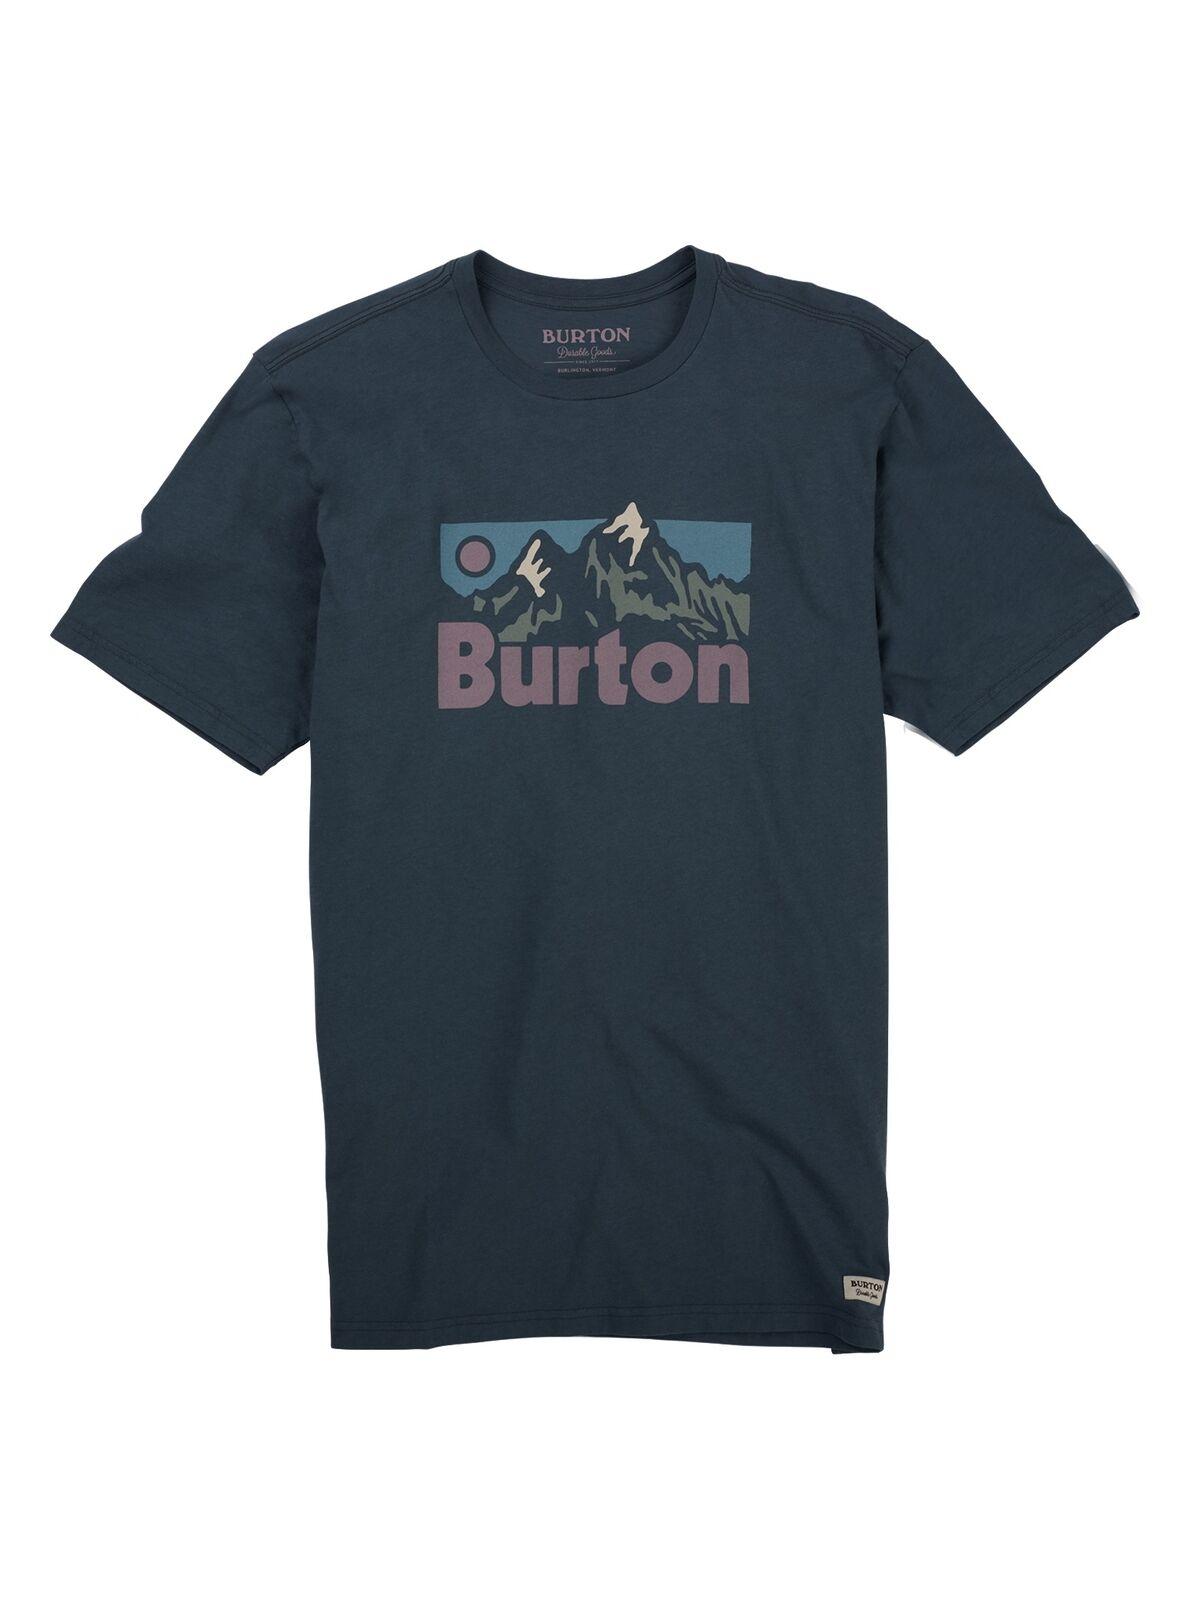 Burton Friston Herren T-Shirt  | Guter Markt  | Sorgfältig ausgewählte Materialien  | Starke Hitze- und Abnutzungsbeständigkeit